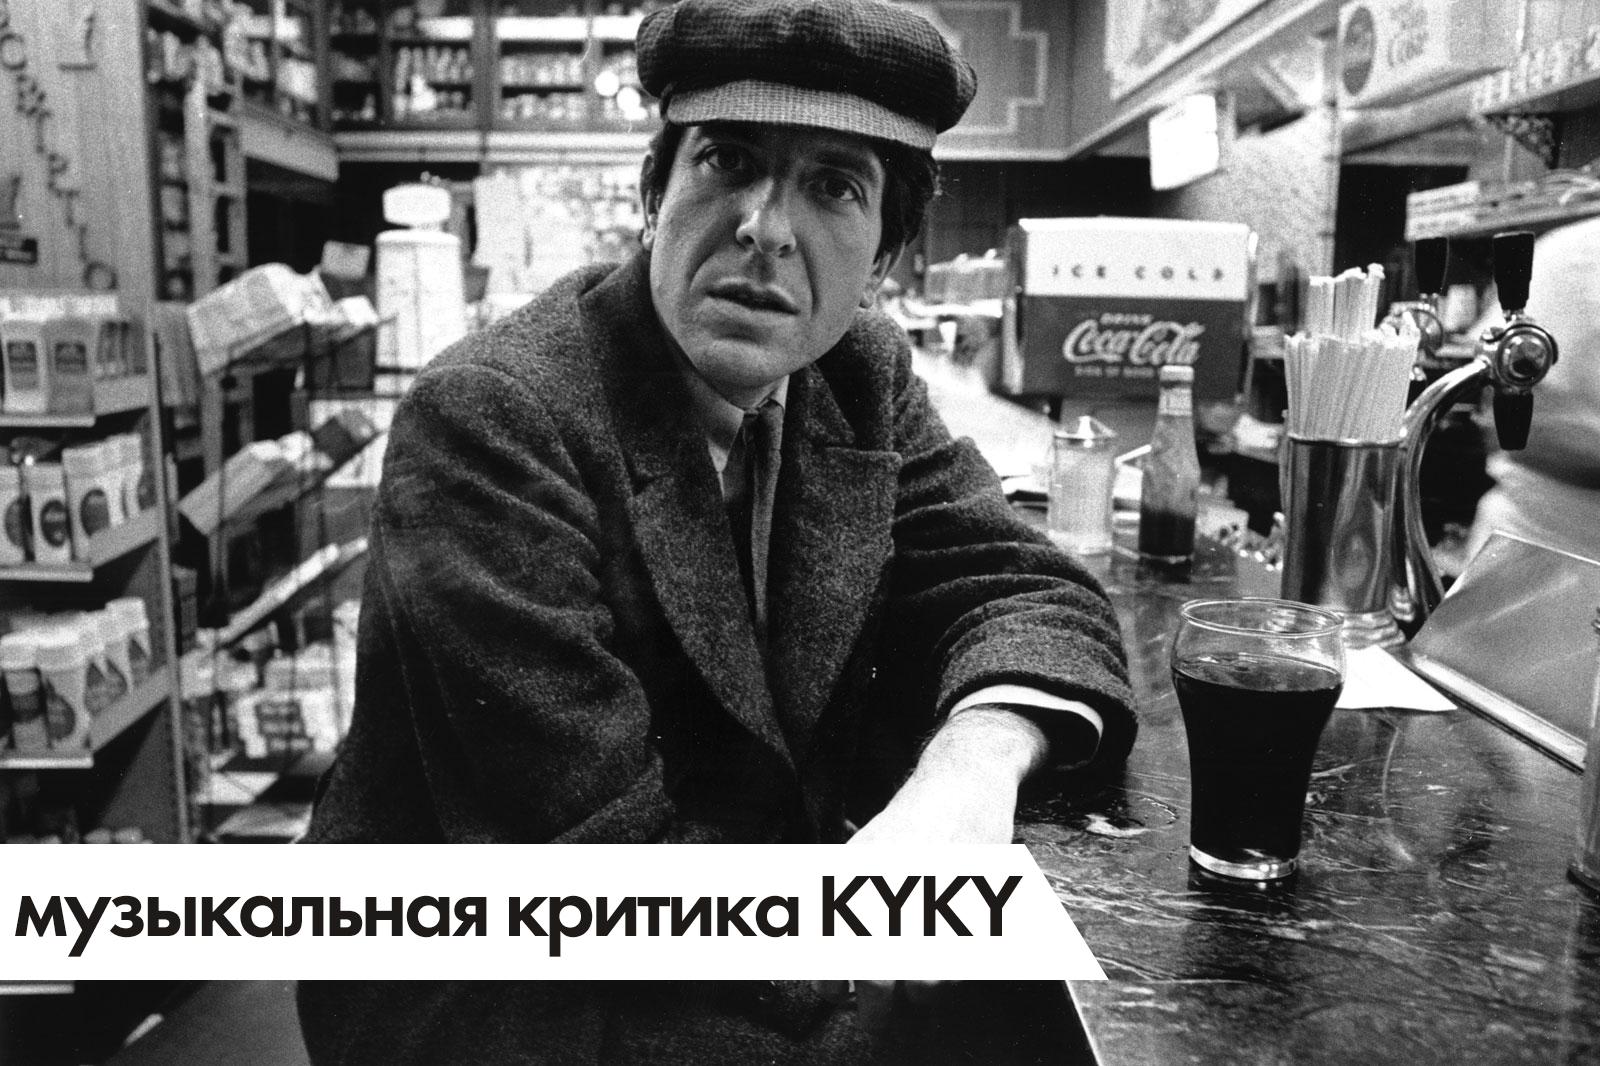 Koen eto zamaskirovannyi inostrannyi griebienshchikov